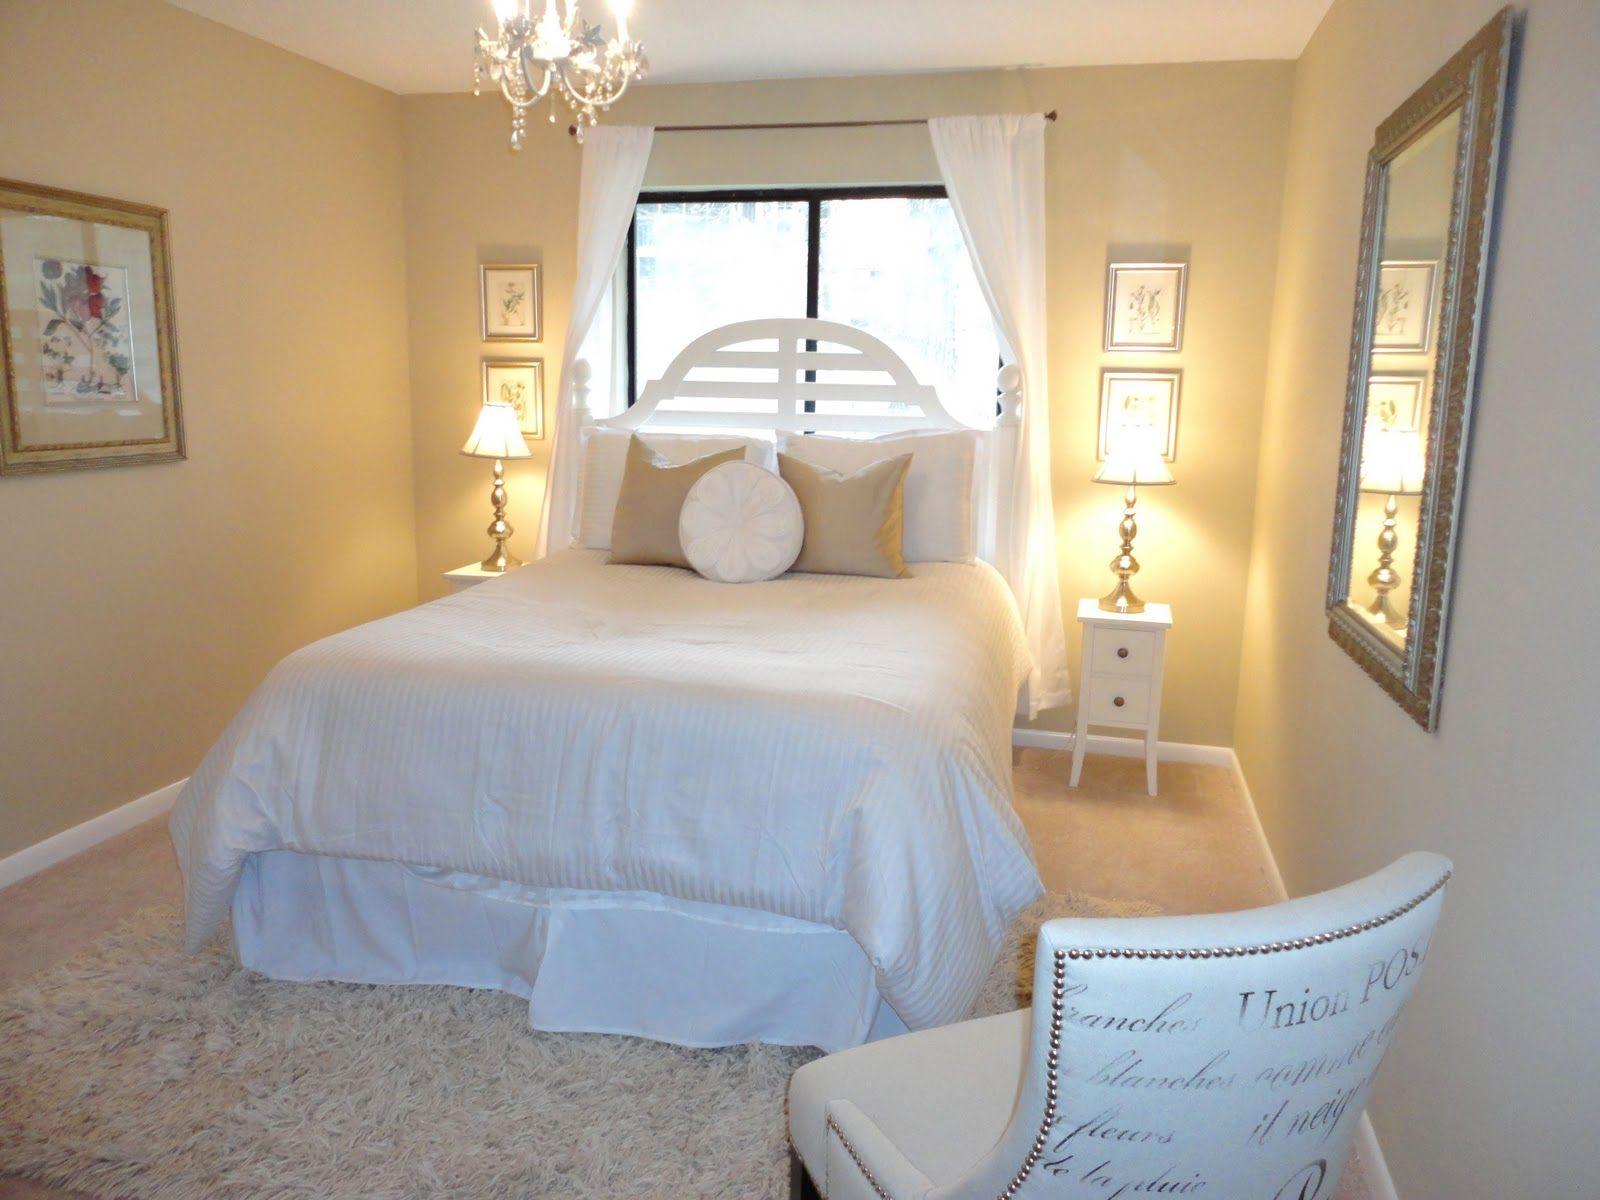 farbschemata f r schlafzimmer mit wei en w nden schlafzimmer hausmodelle schlafzimmer. Black Bedroom Furniture Sets. Home Design Ideas